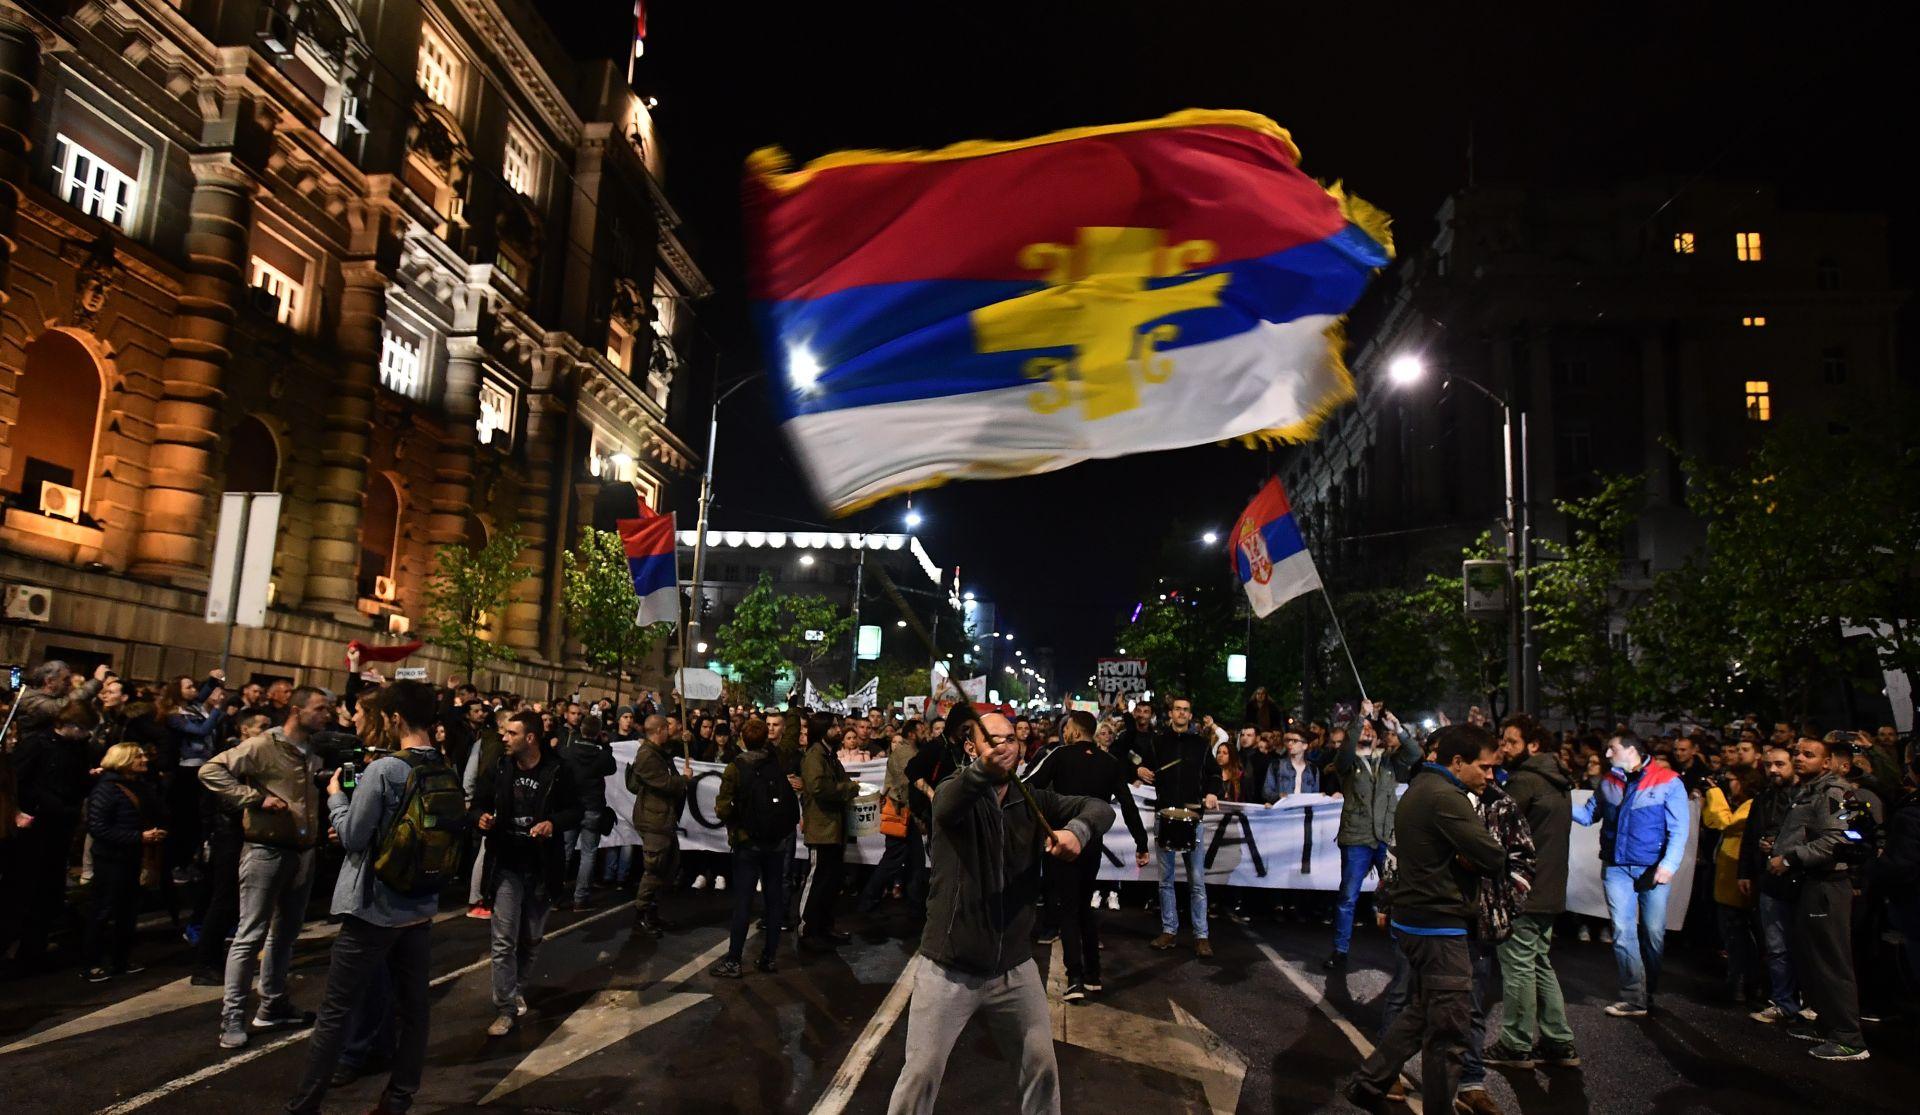 Srbijanski studenti četvrti dan prosvjeduju protiv izbora Aleksandra Vučića za predsjednika